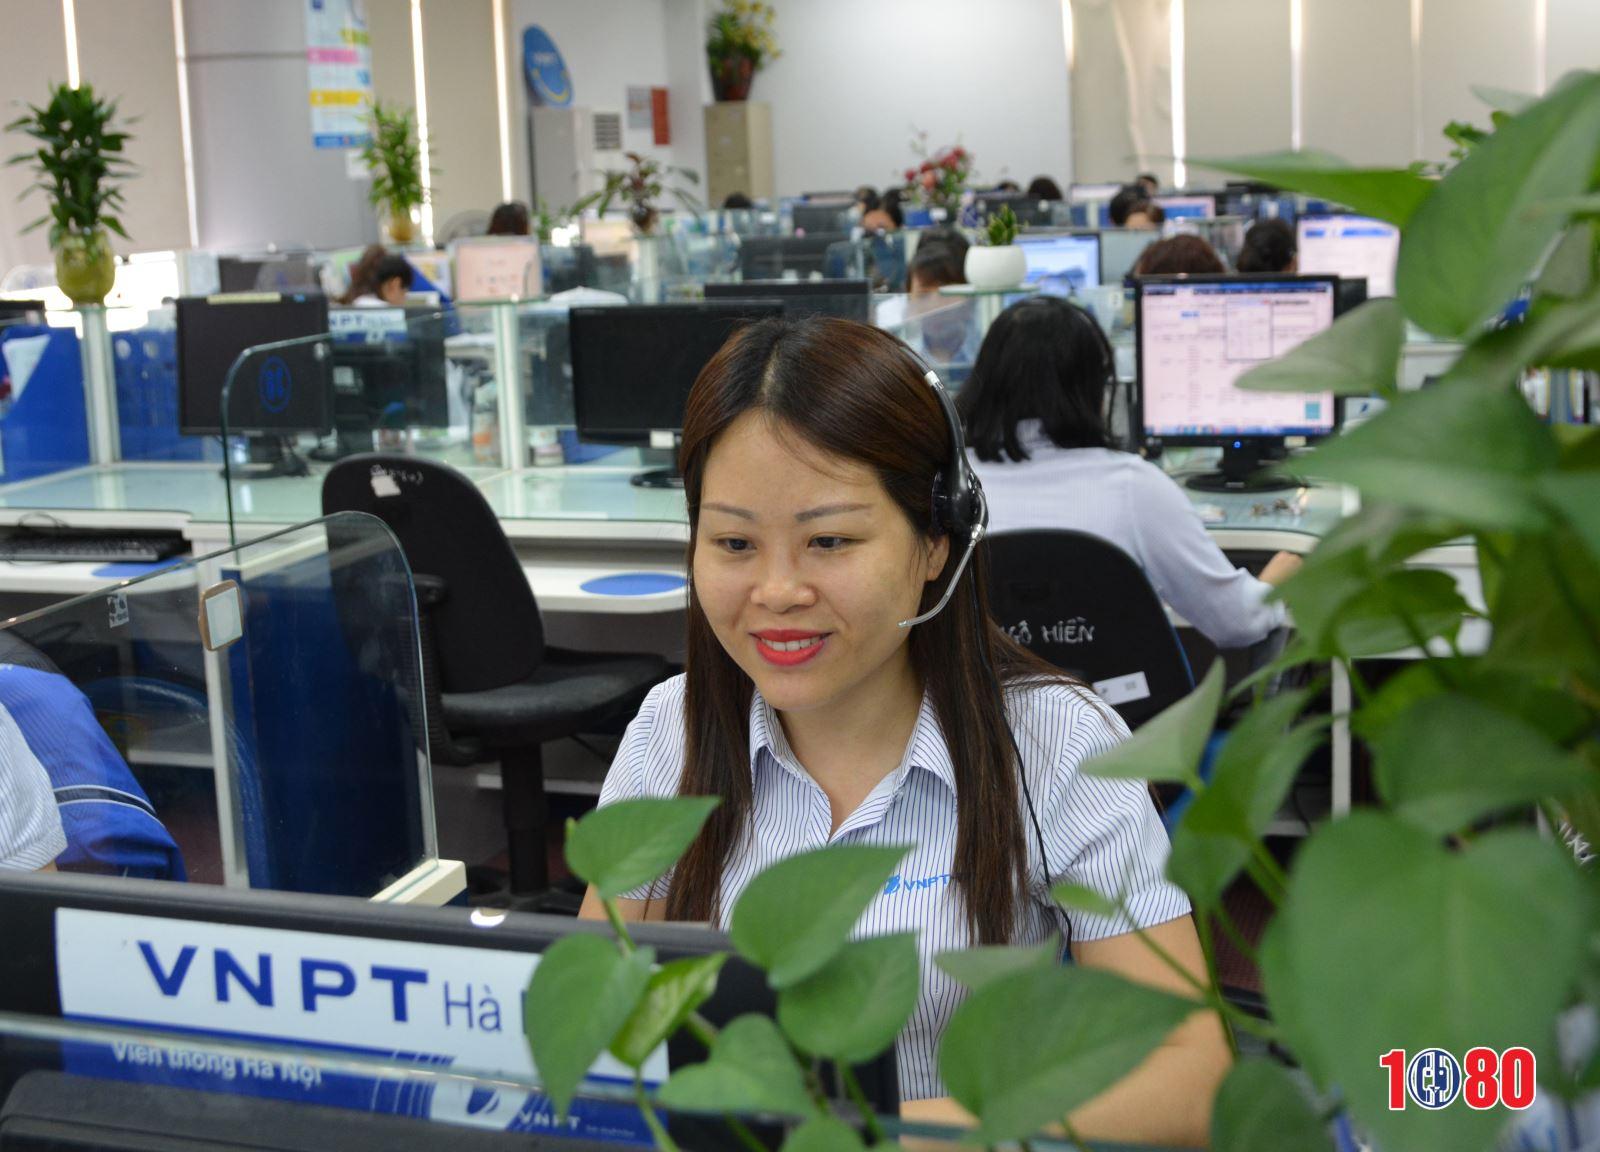 Tổng đài Internet VNPT: hỗ trợ lắp đặt, báo hỏng mạng